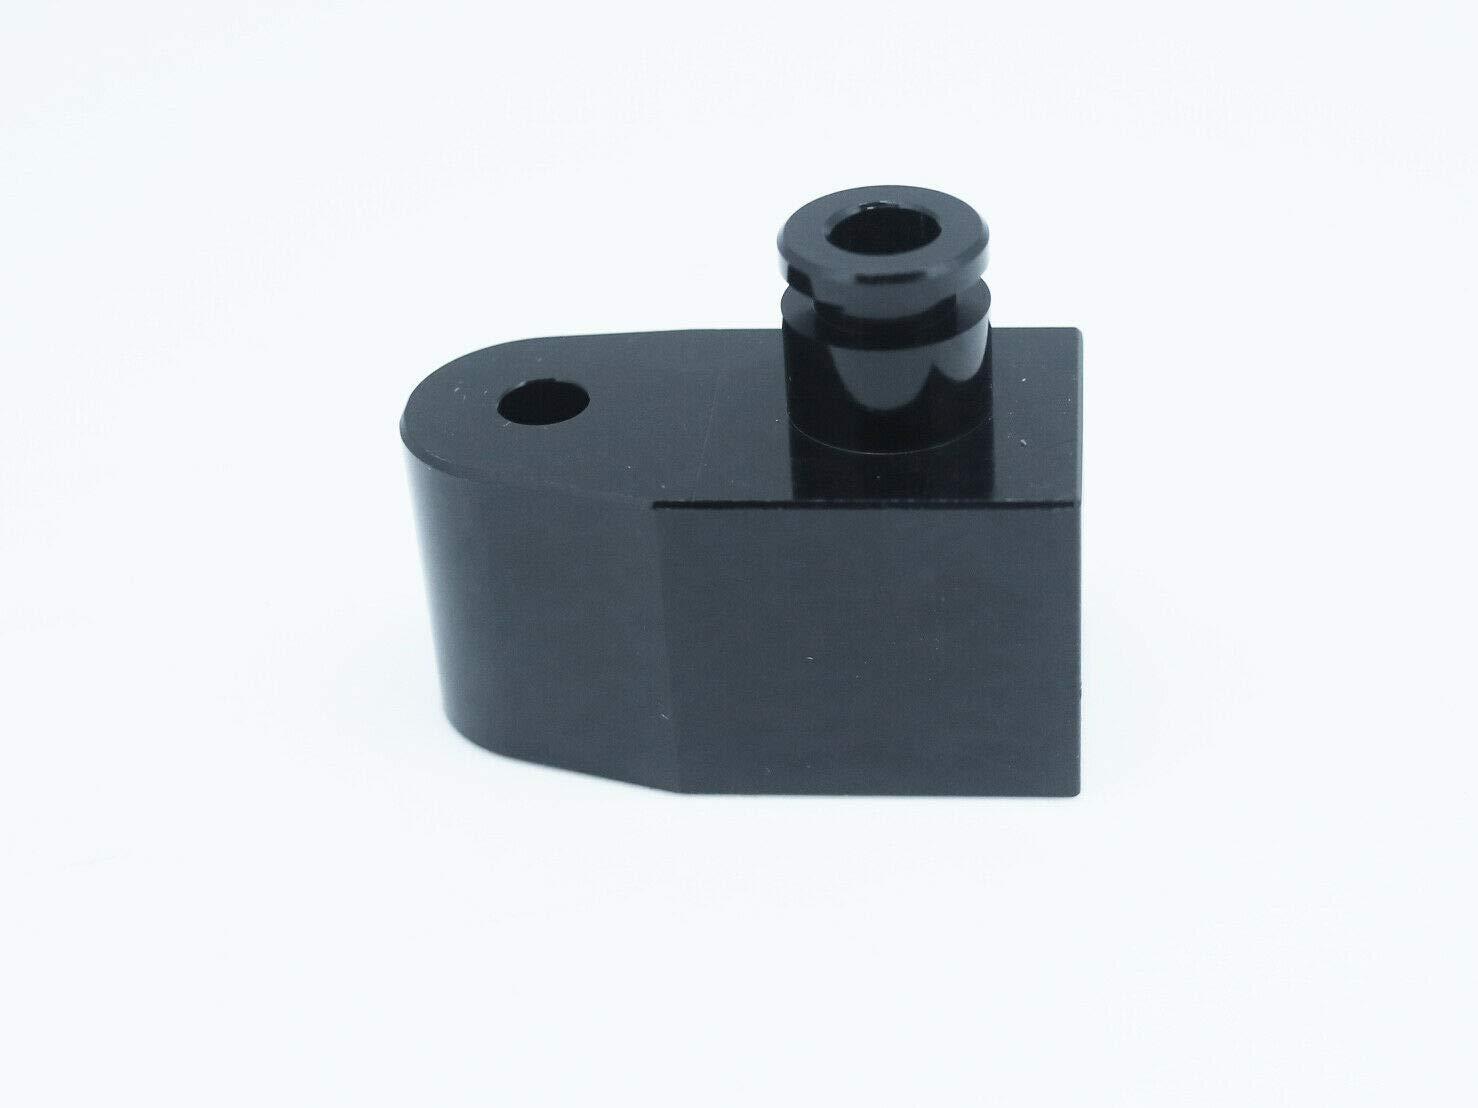 CarLab Direct Fit Boost Gauge sensore Adattatore per S R56 R57 R58 R59 1.6T MK2